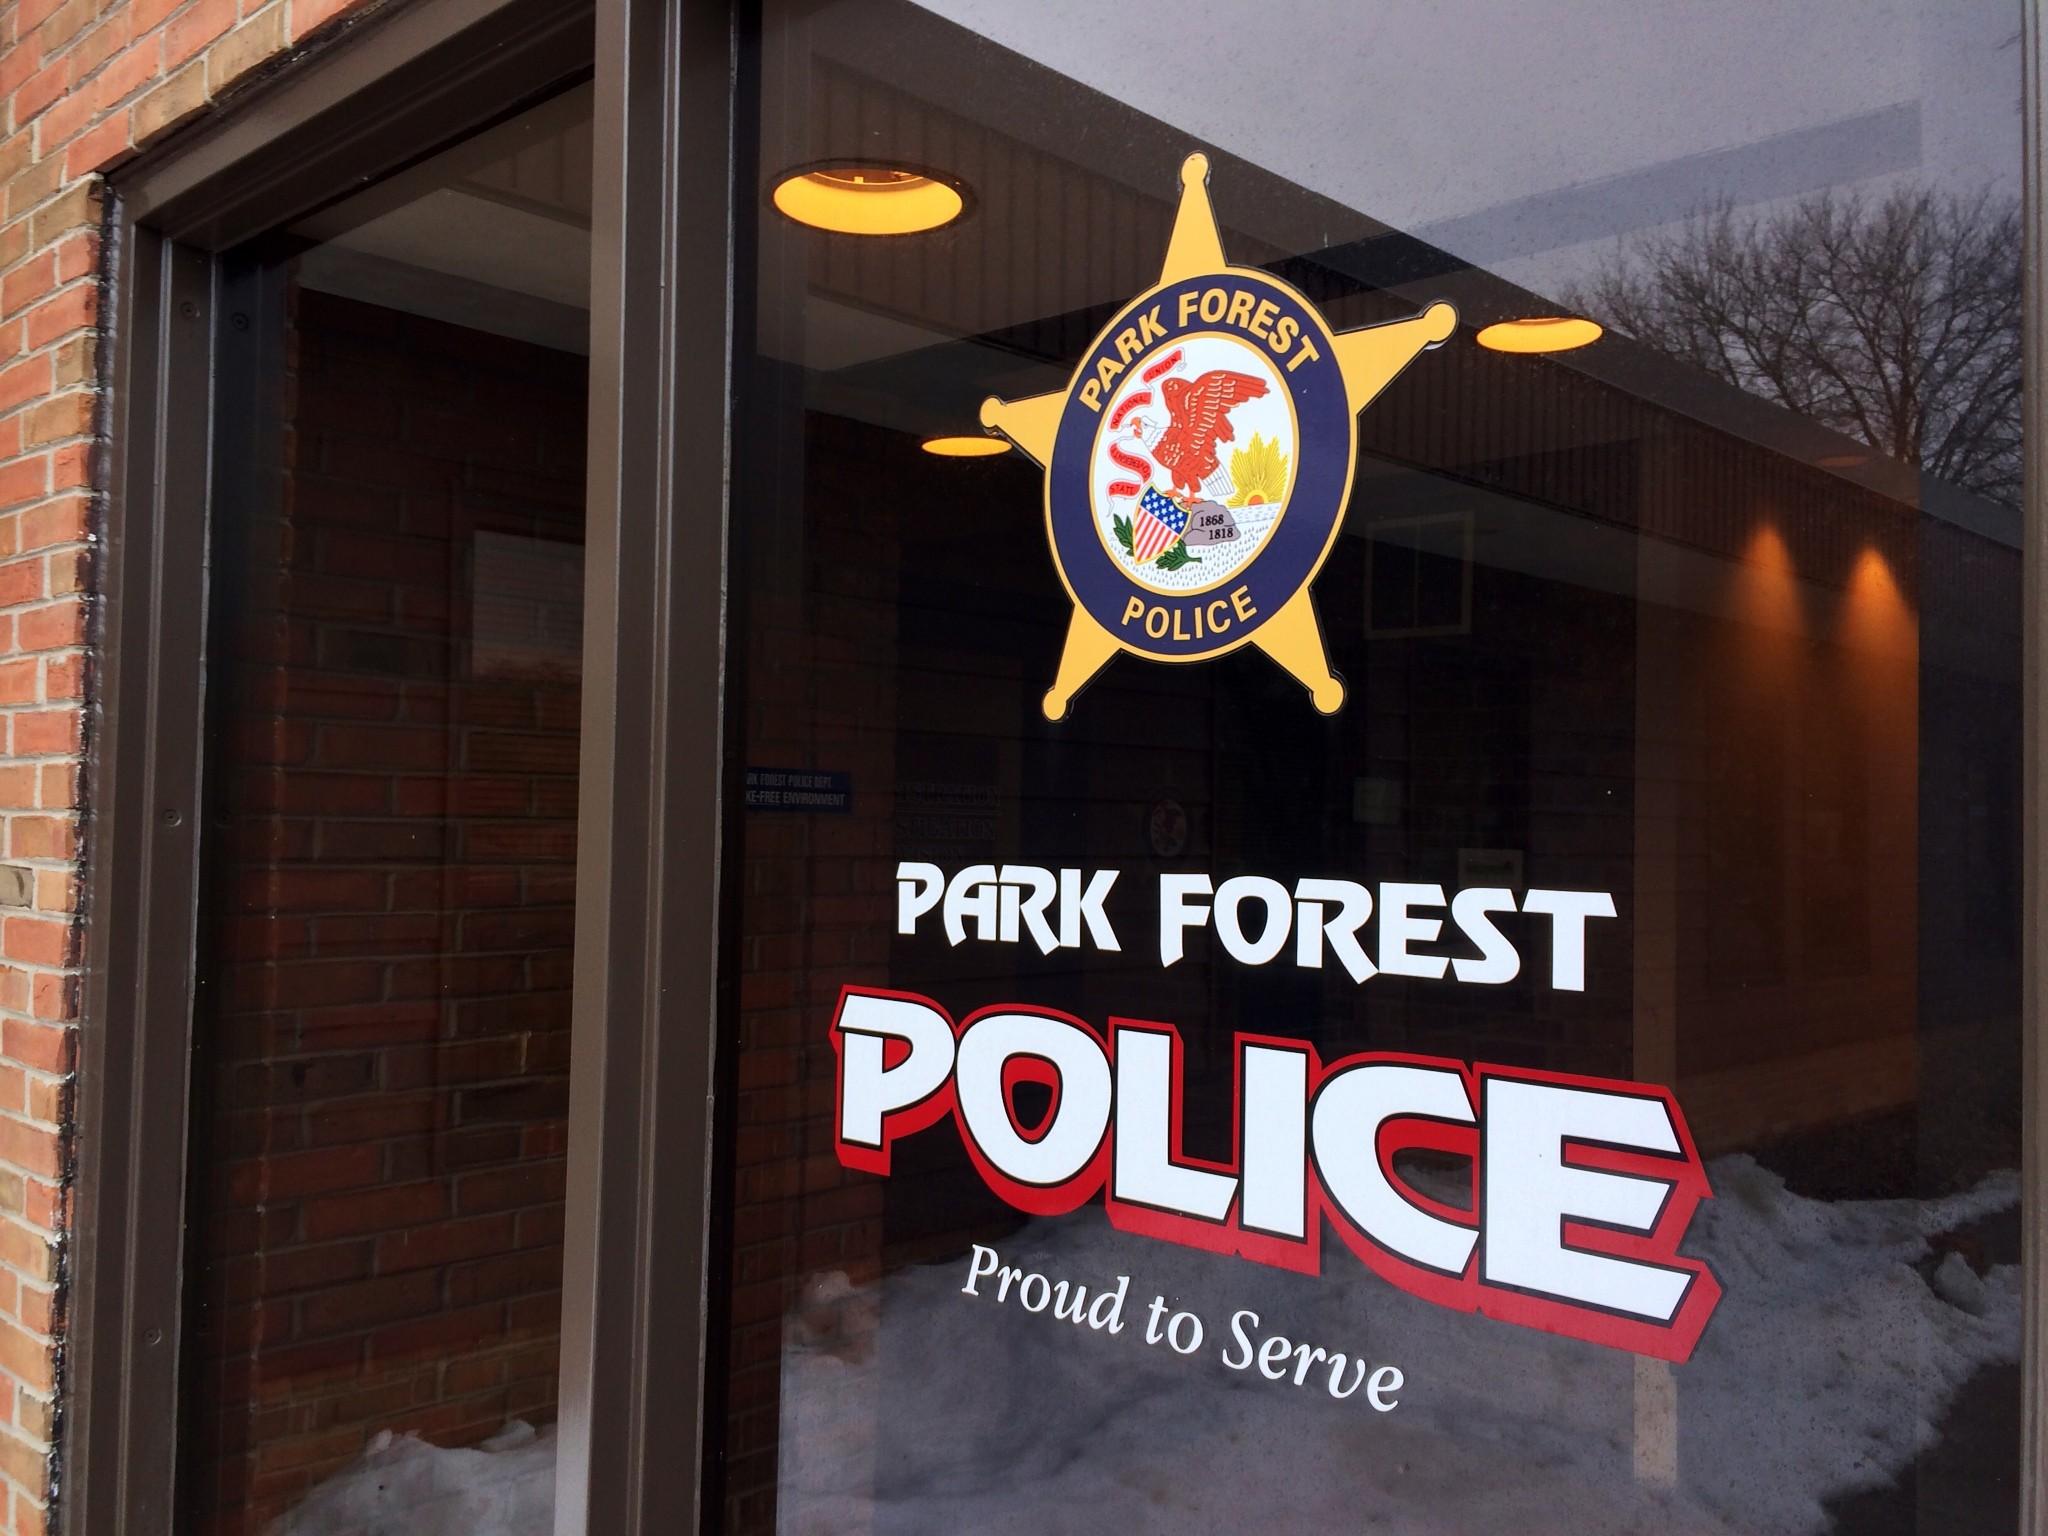 Park Forest Police Department | LinkedIn